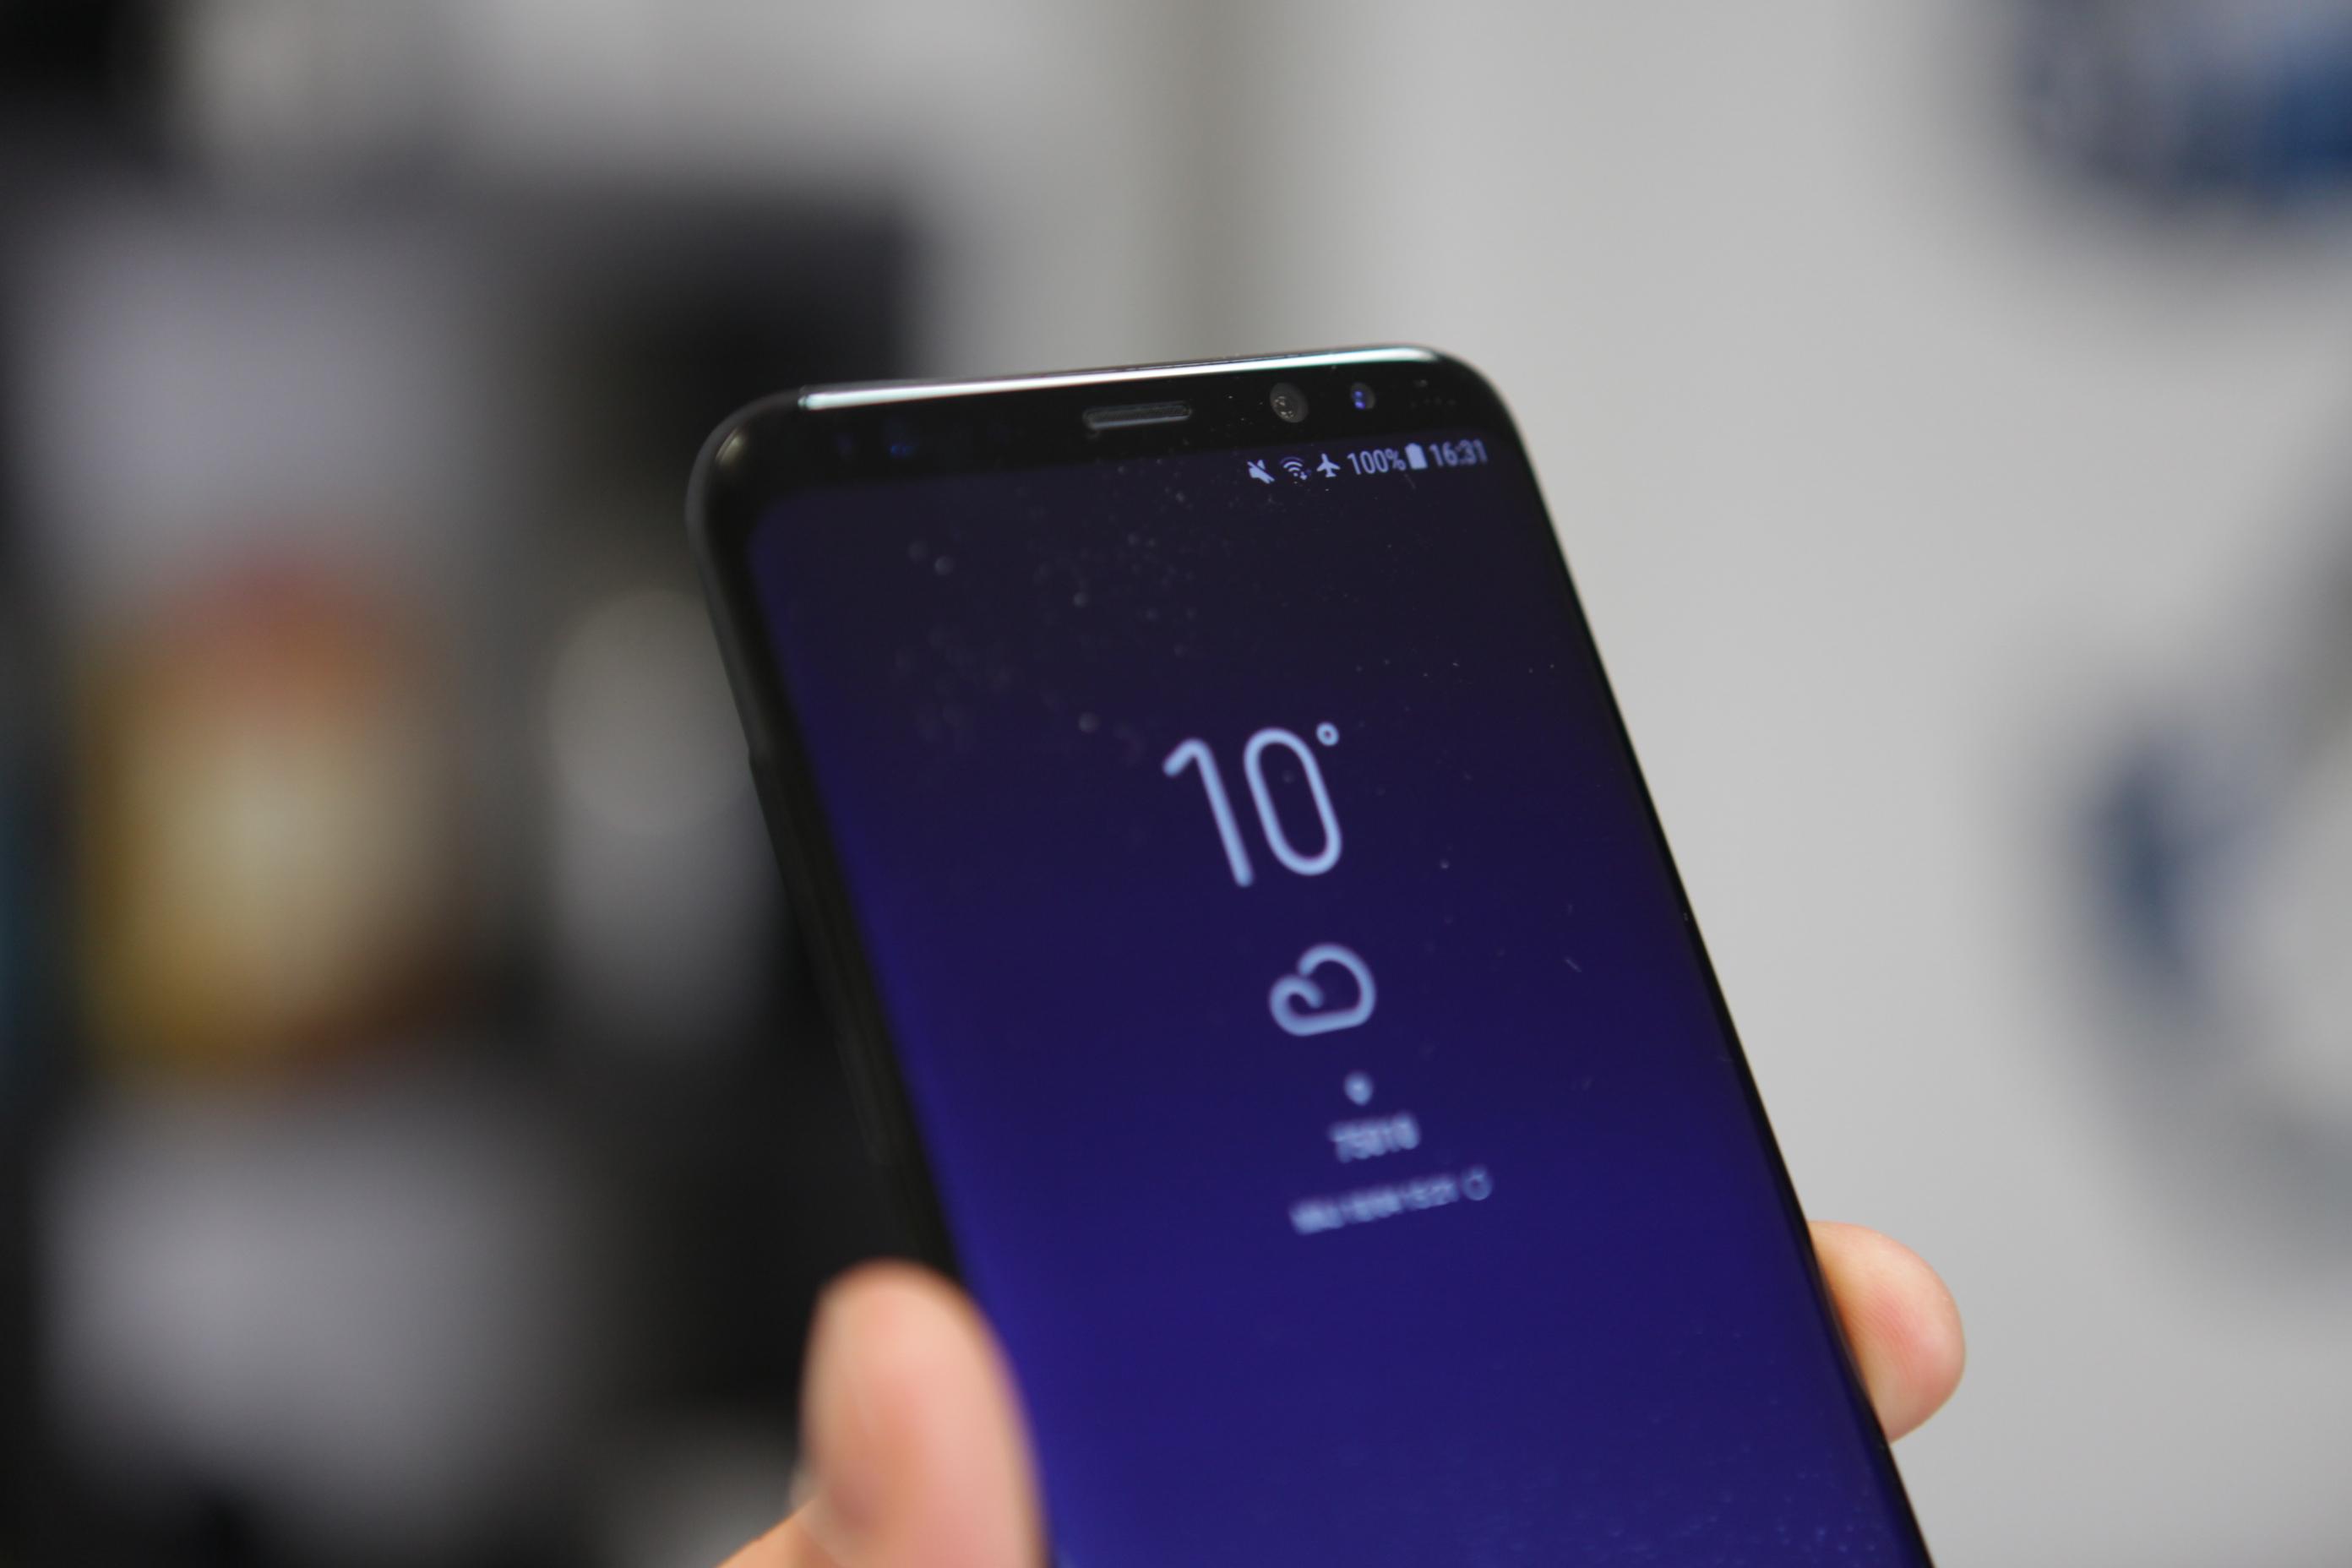 Samsung Galaxy S8 : des utilisateurs se plaignent d'un problème de chargement